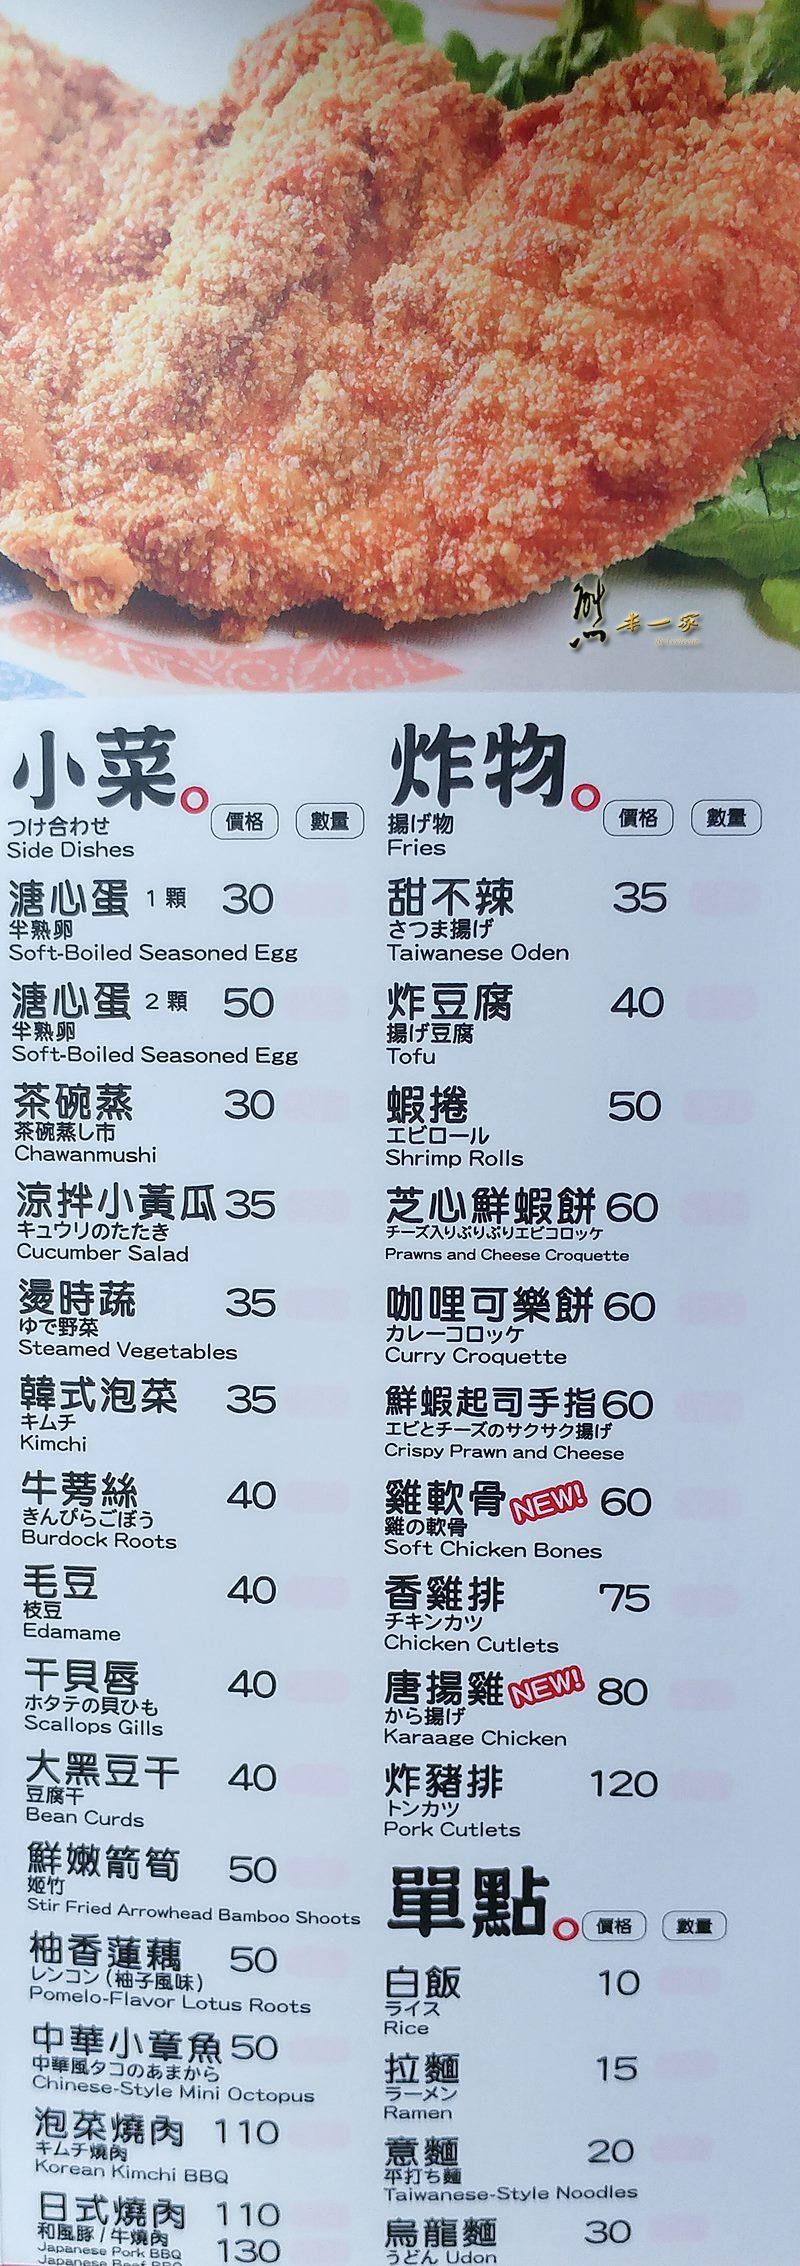 三峽北大拉麵|五井拉麵|台北大學美食小吃|台式日式拉麵、丼飯、定食|純素蔬食拉麵